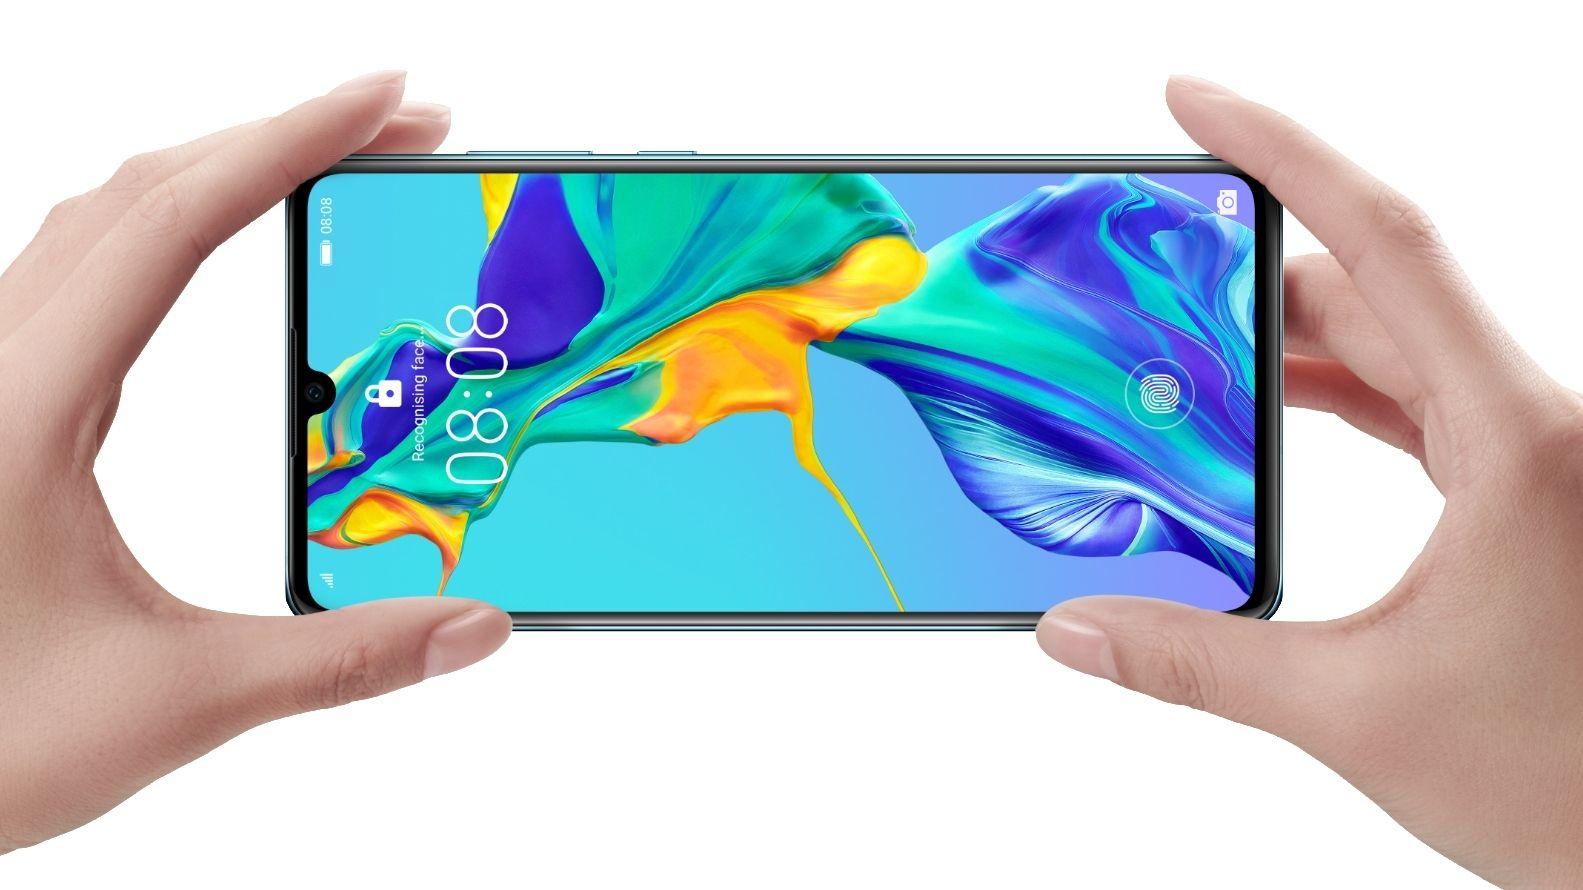 Com modo noturno para selfie no Huawei P30, update da EMUI chega em breve